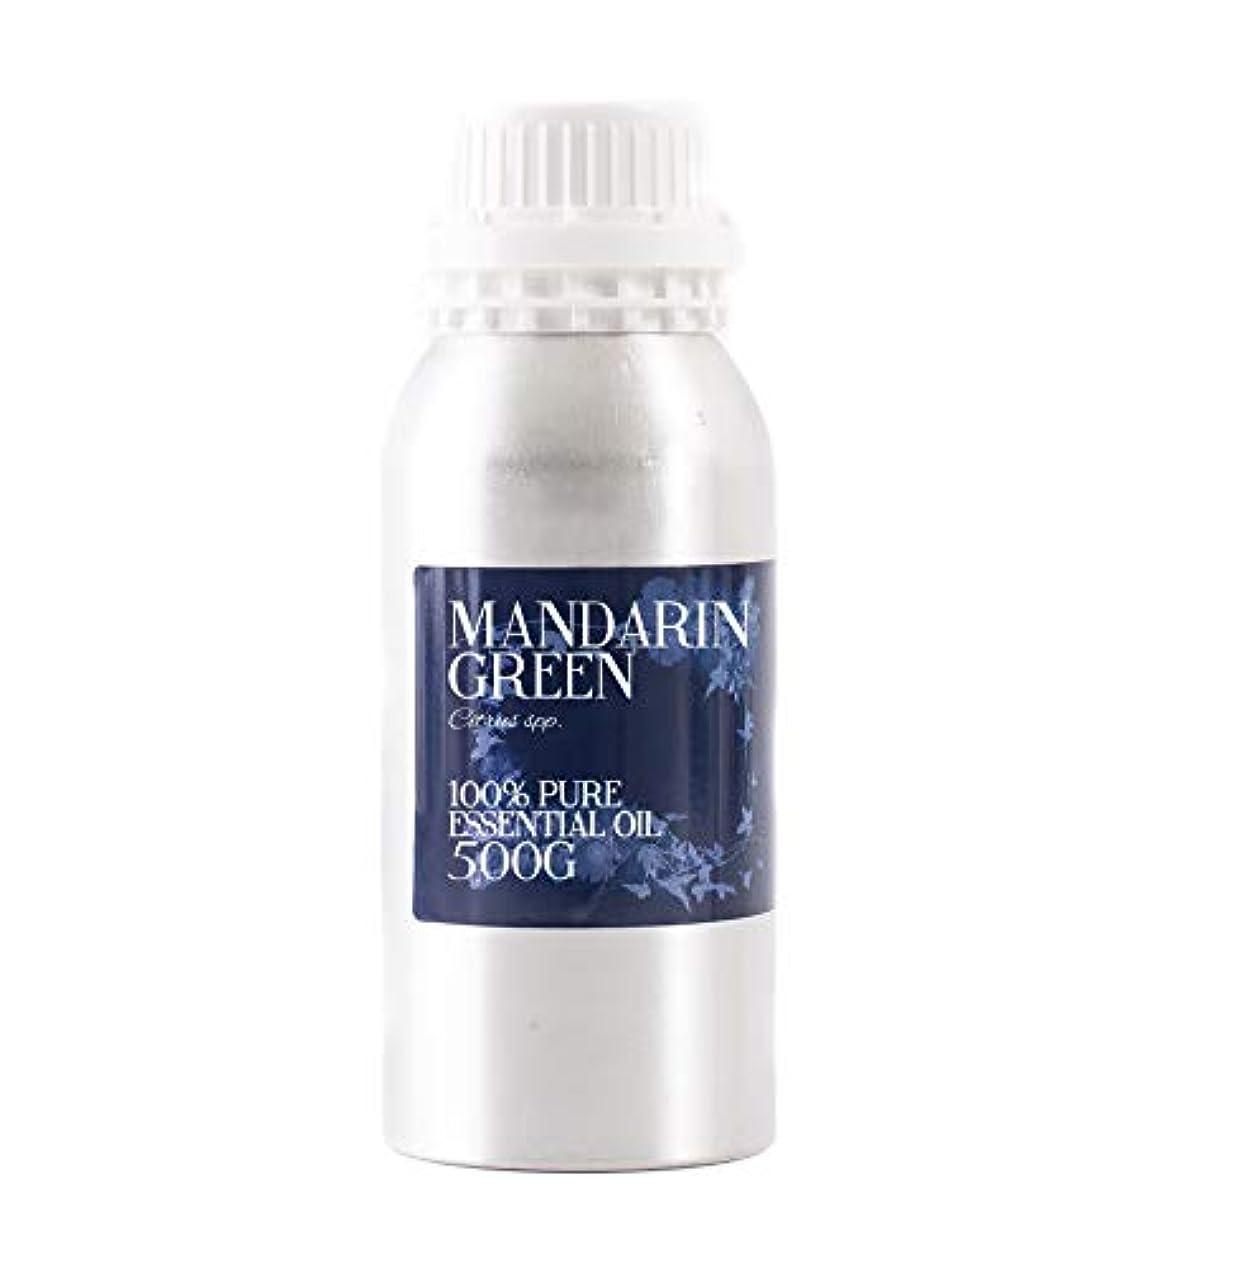 合理的区画縮れたMystic Moments   Mandarin Green Essential Oil - 500g - 100% Pure